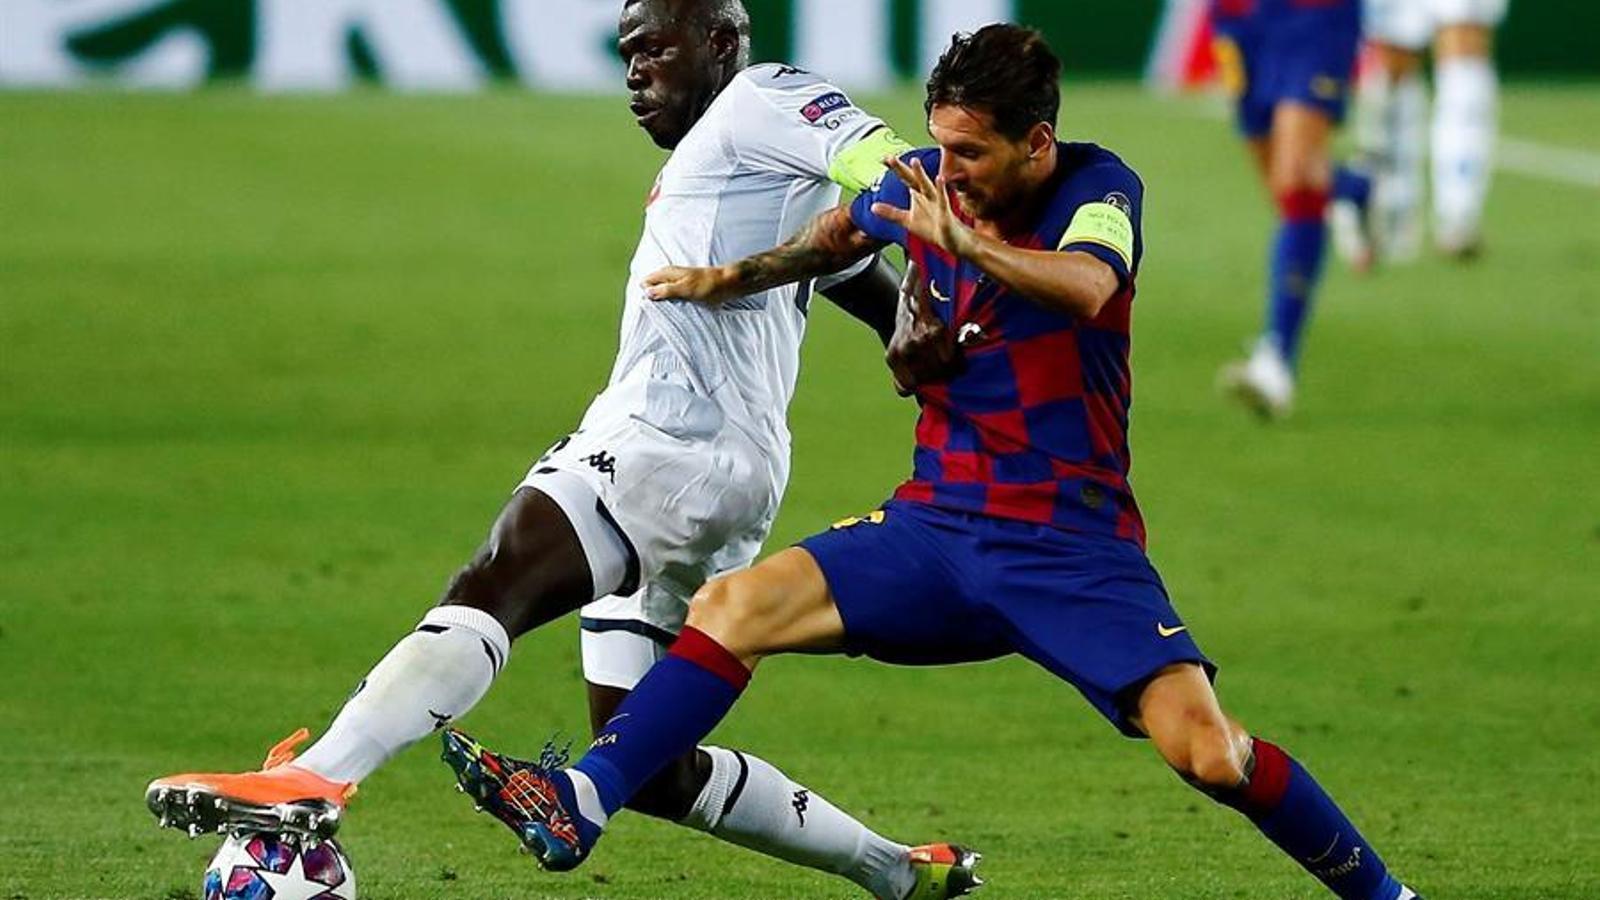 Leo Messi intenta controlar una pilota contra el Nàpols al Camp Nou